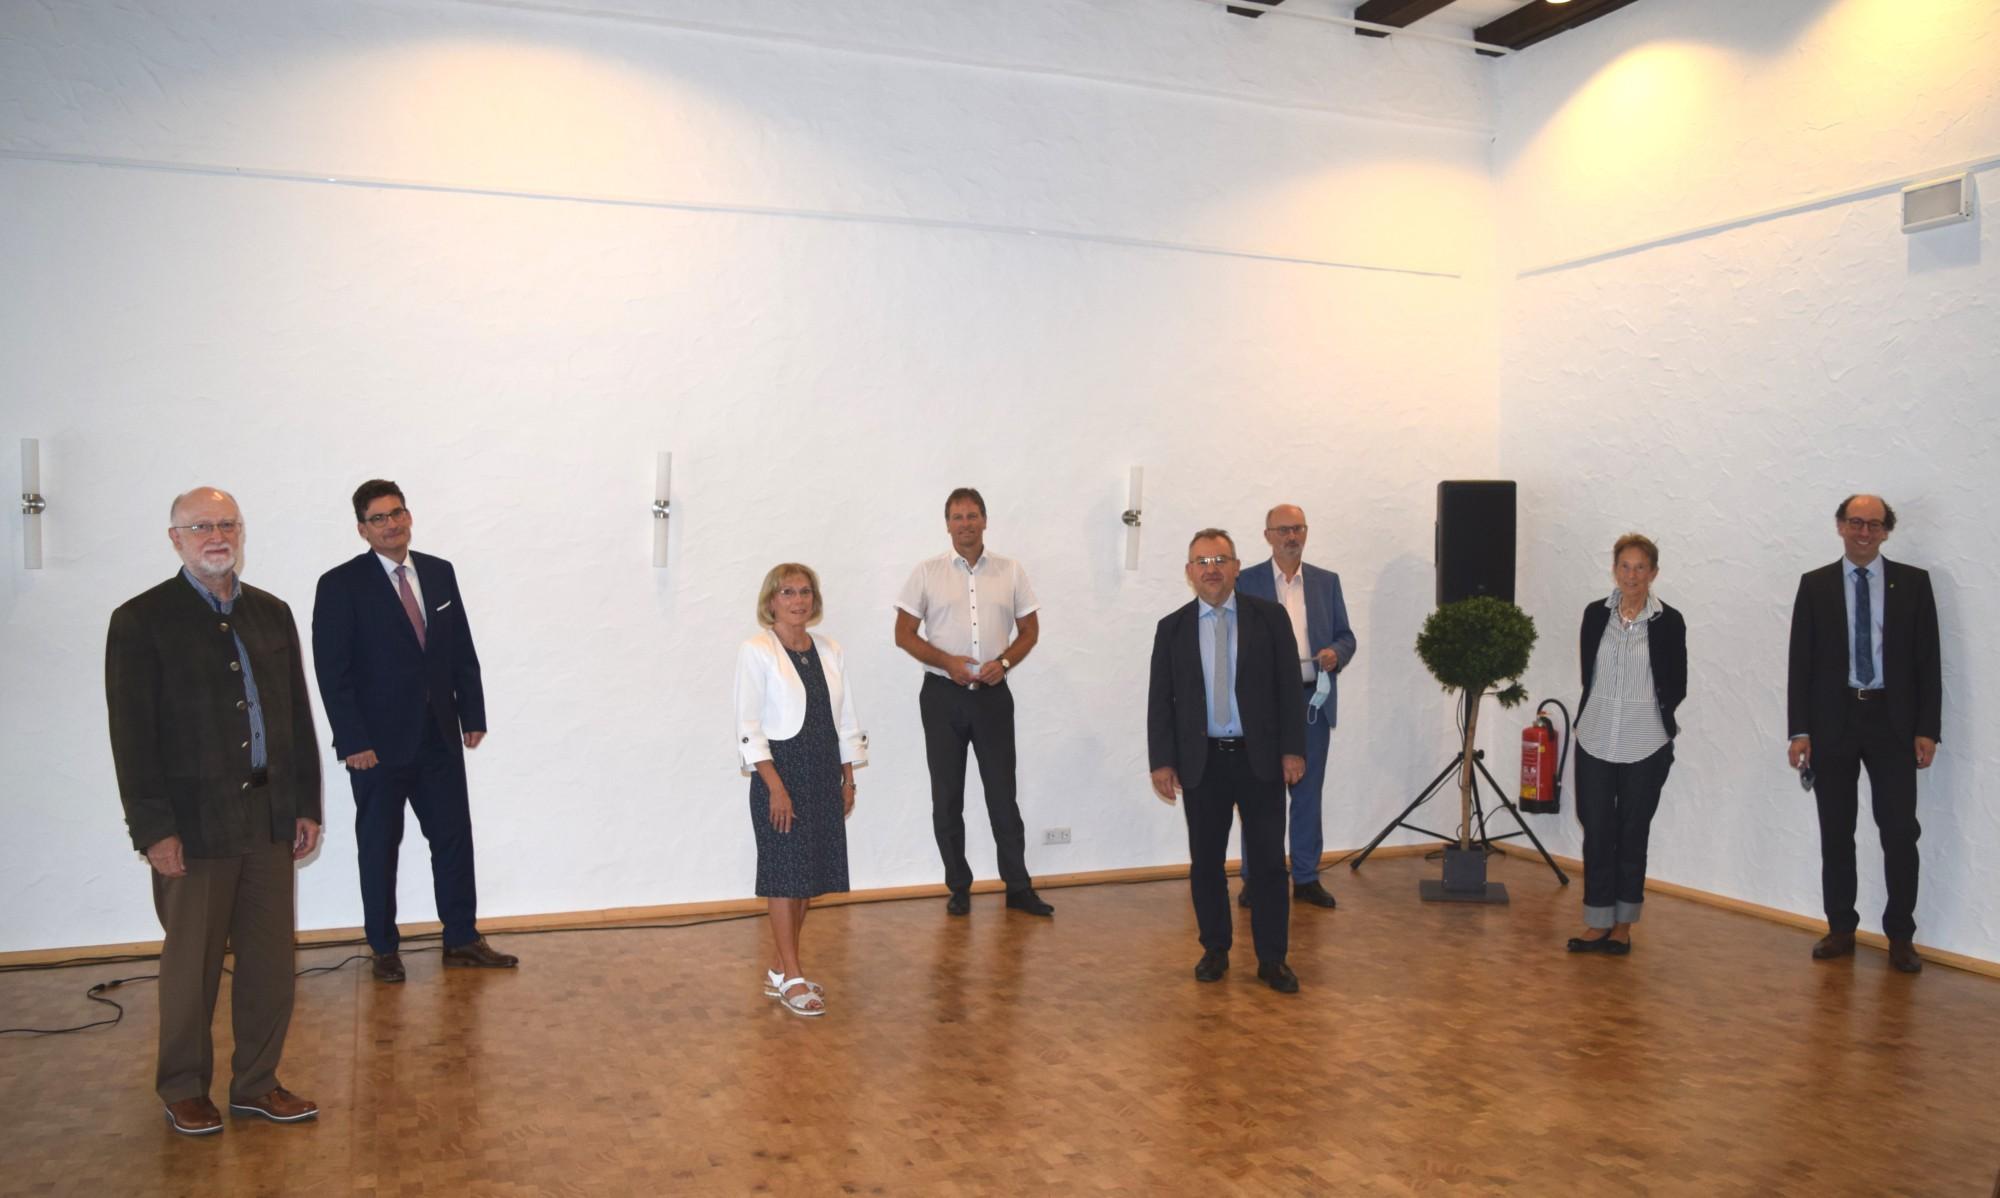 Spende der Julius-Würth-Stiftung für Bauprojekt Bad Friedrichshall